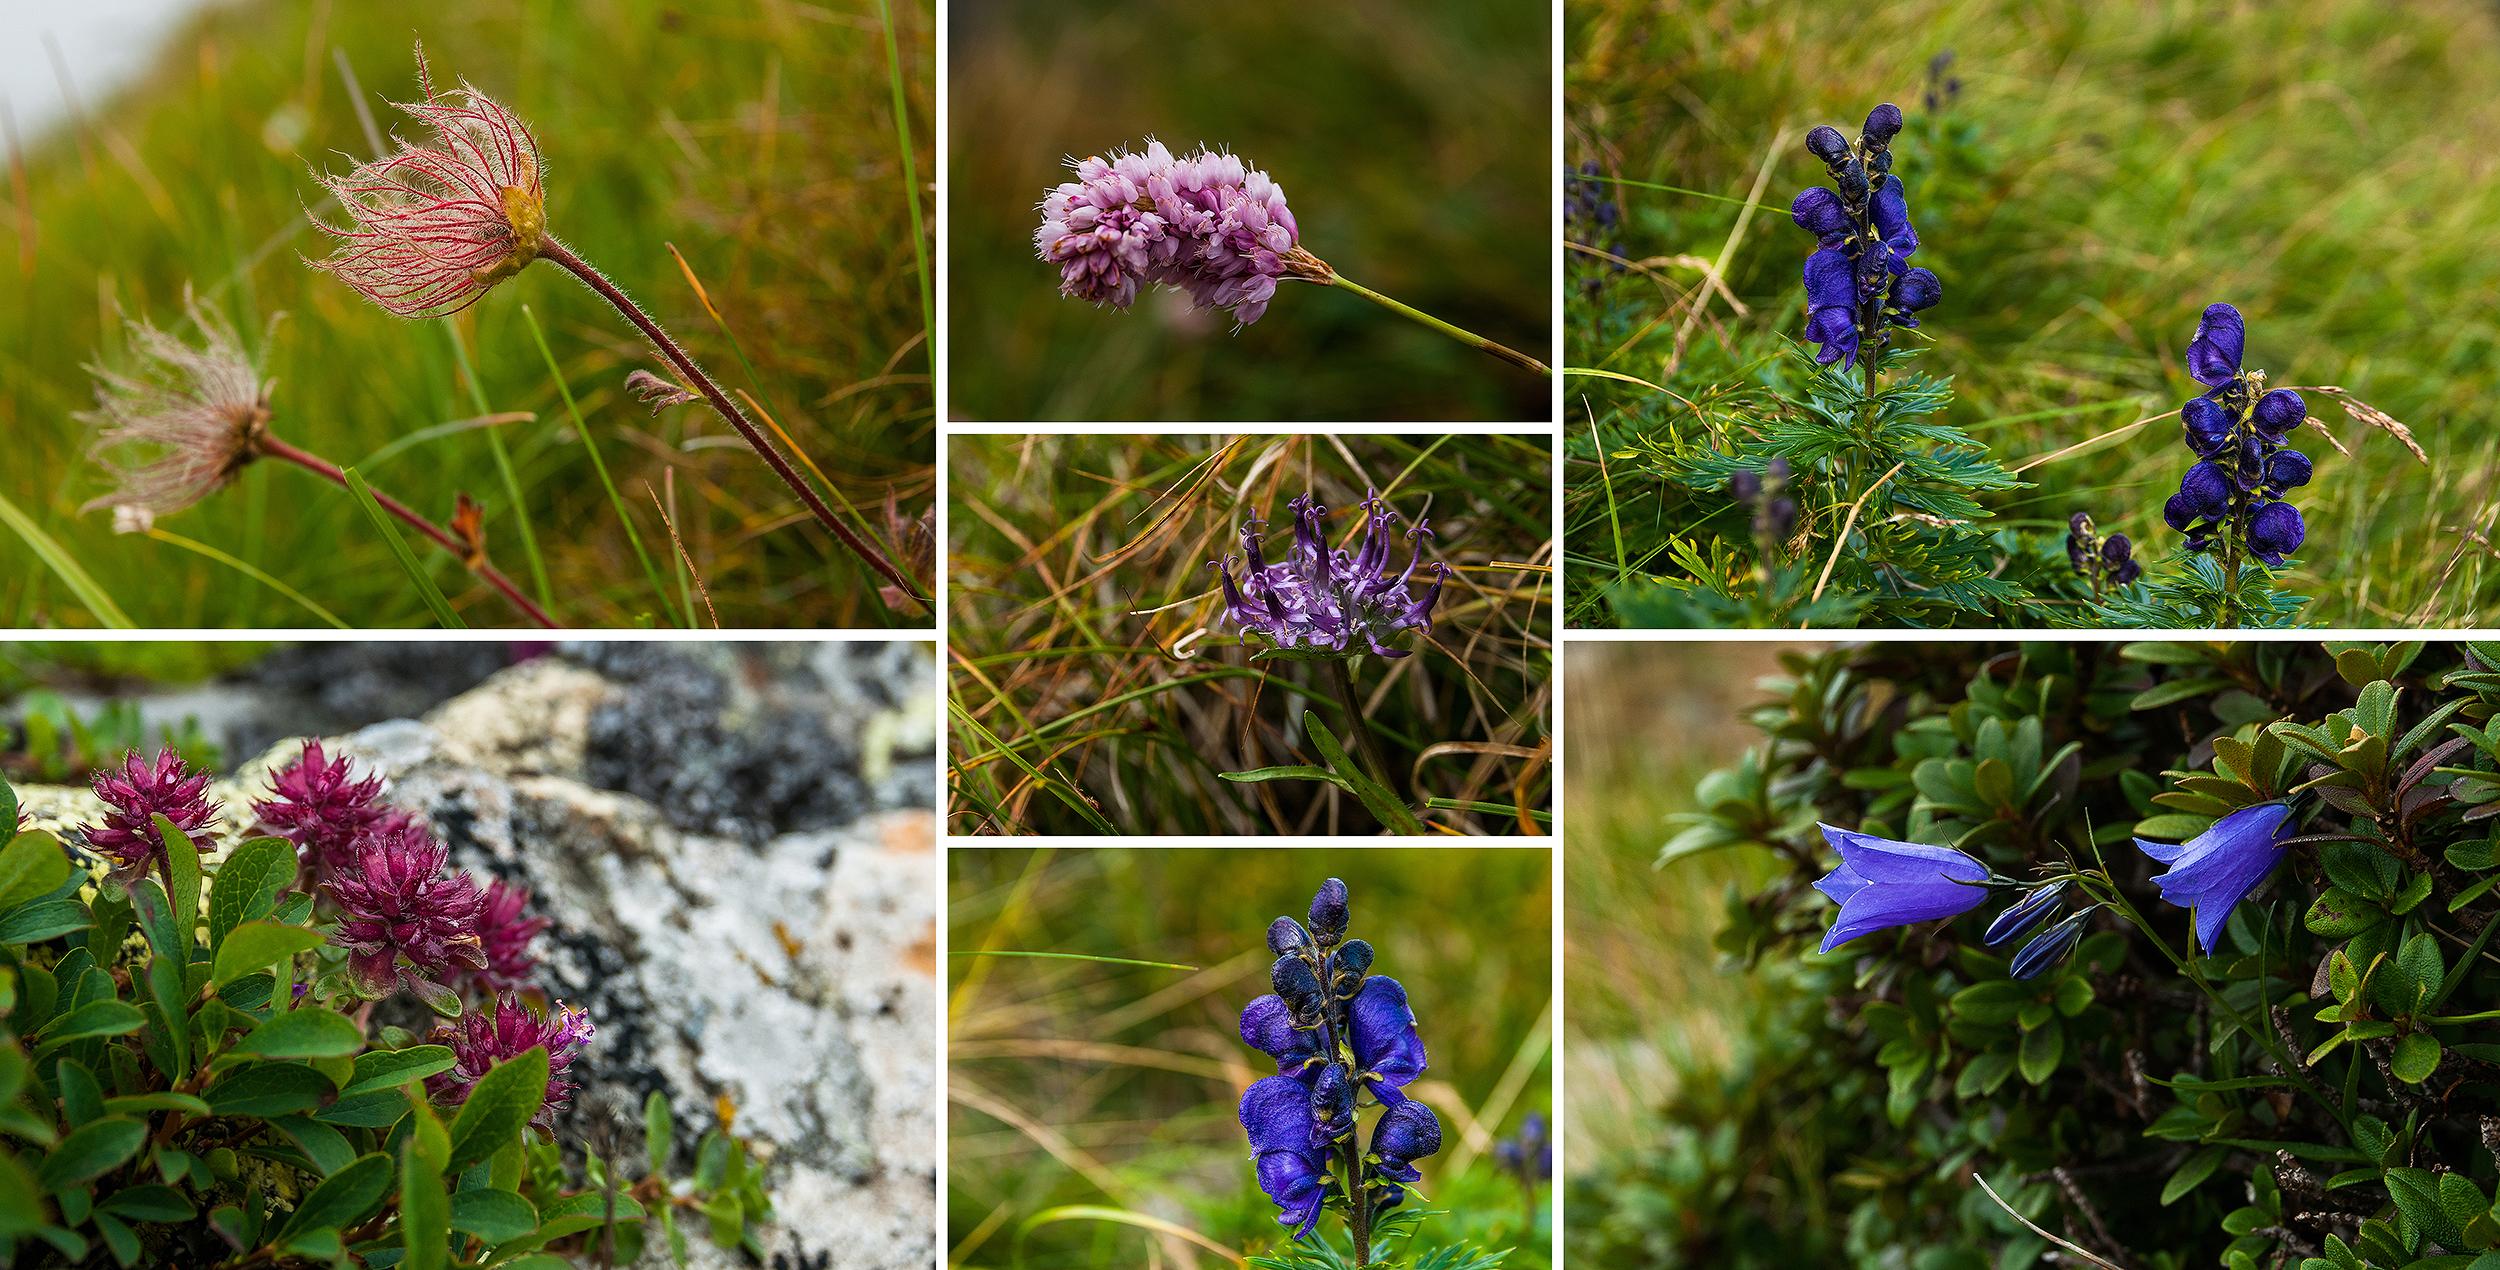 Și multe flori. Clopoței de munte, omag, firuță și multe altele pe care nu le cunoaștem după nume.